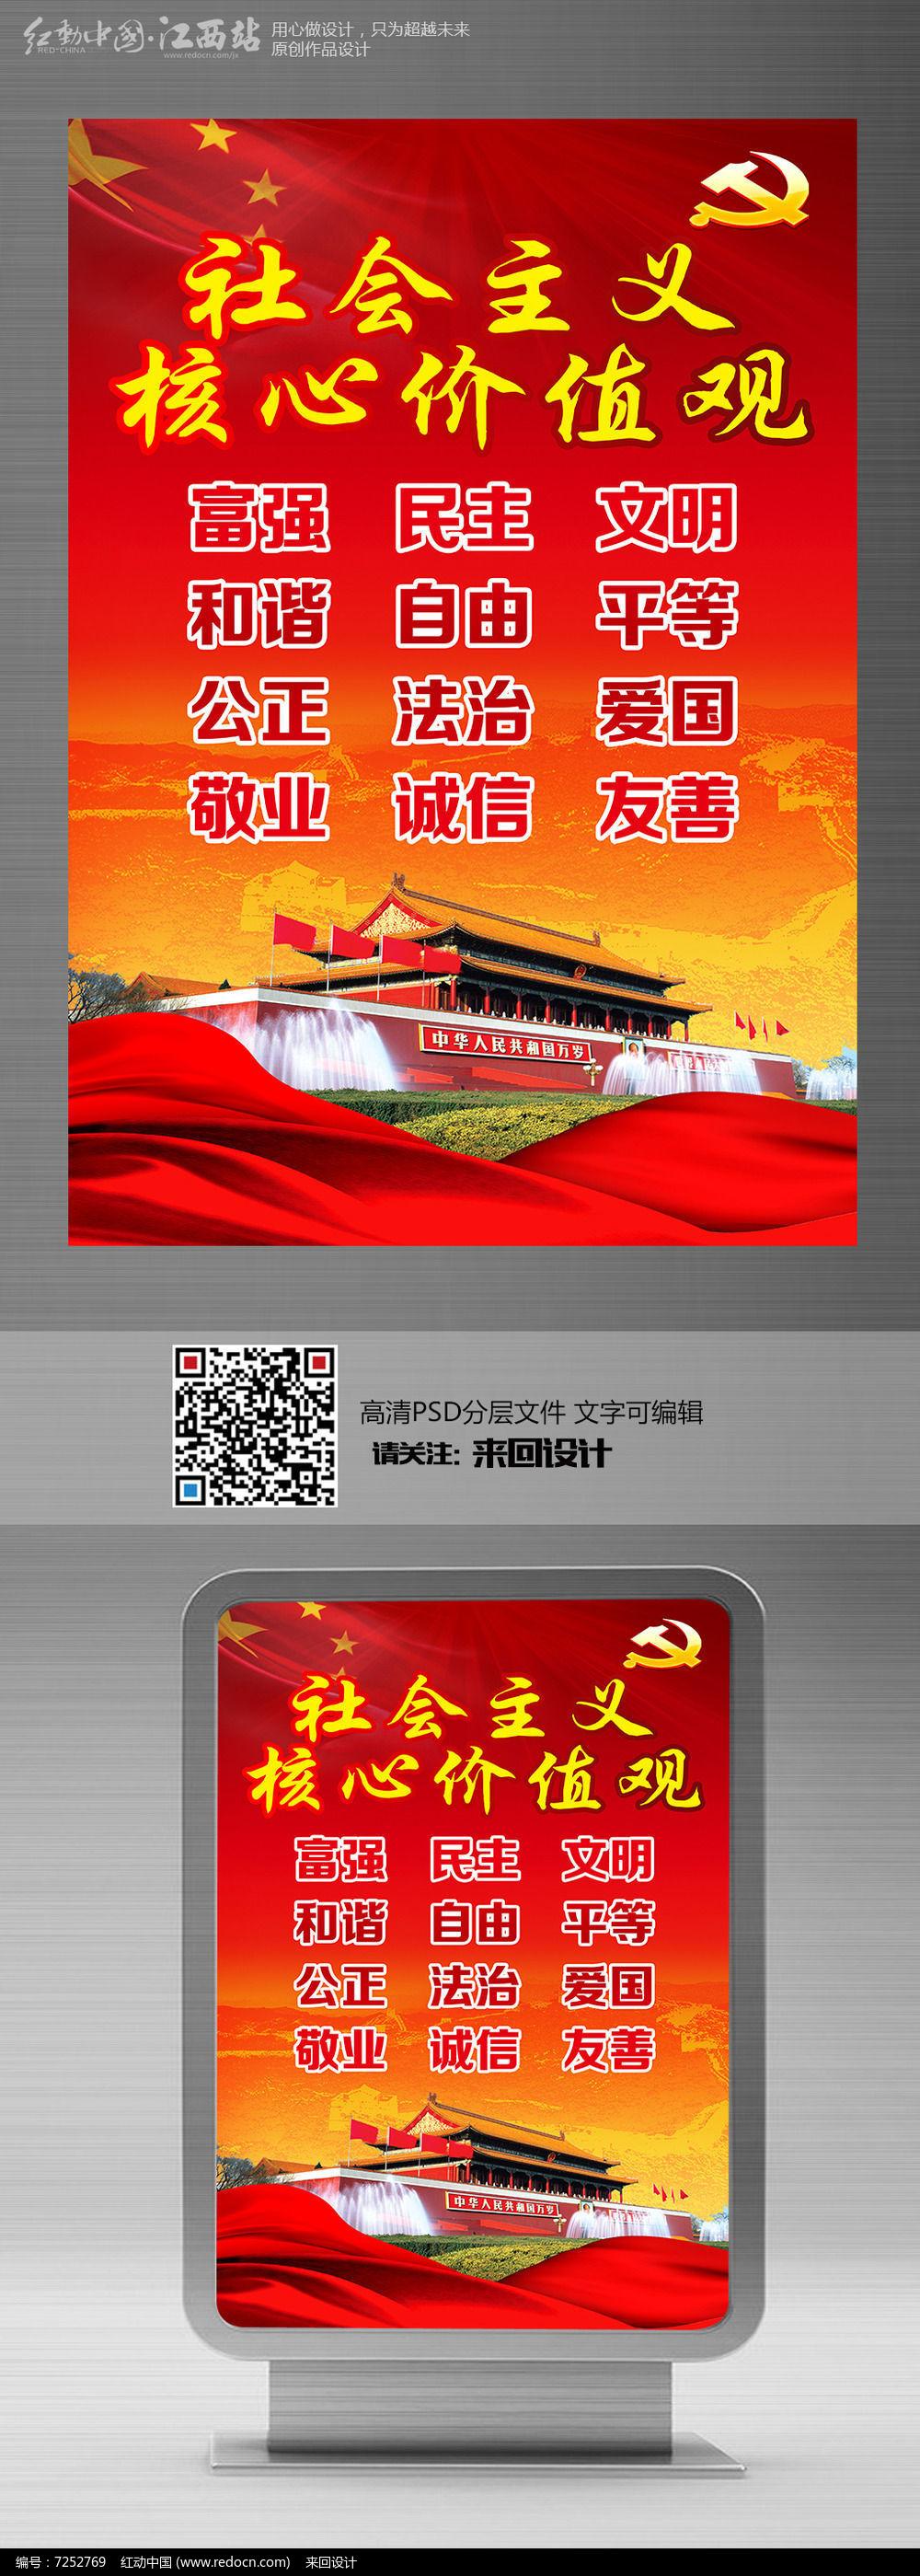 社会主义核心价值观海报图片